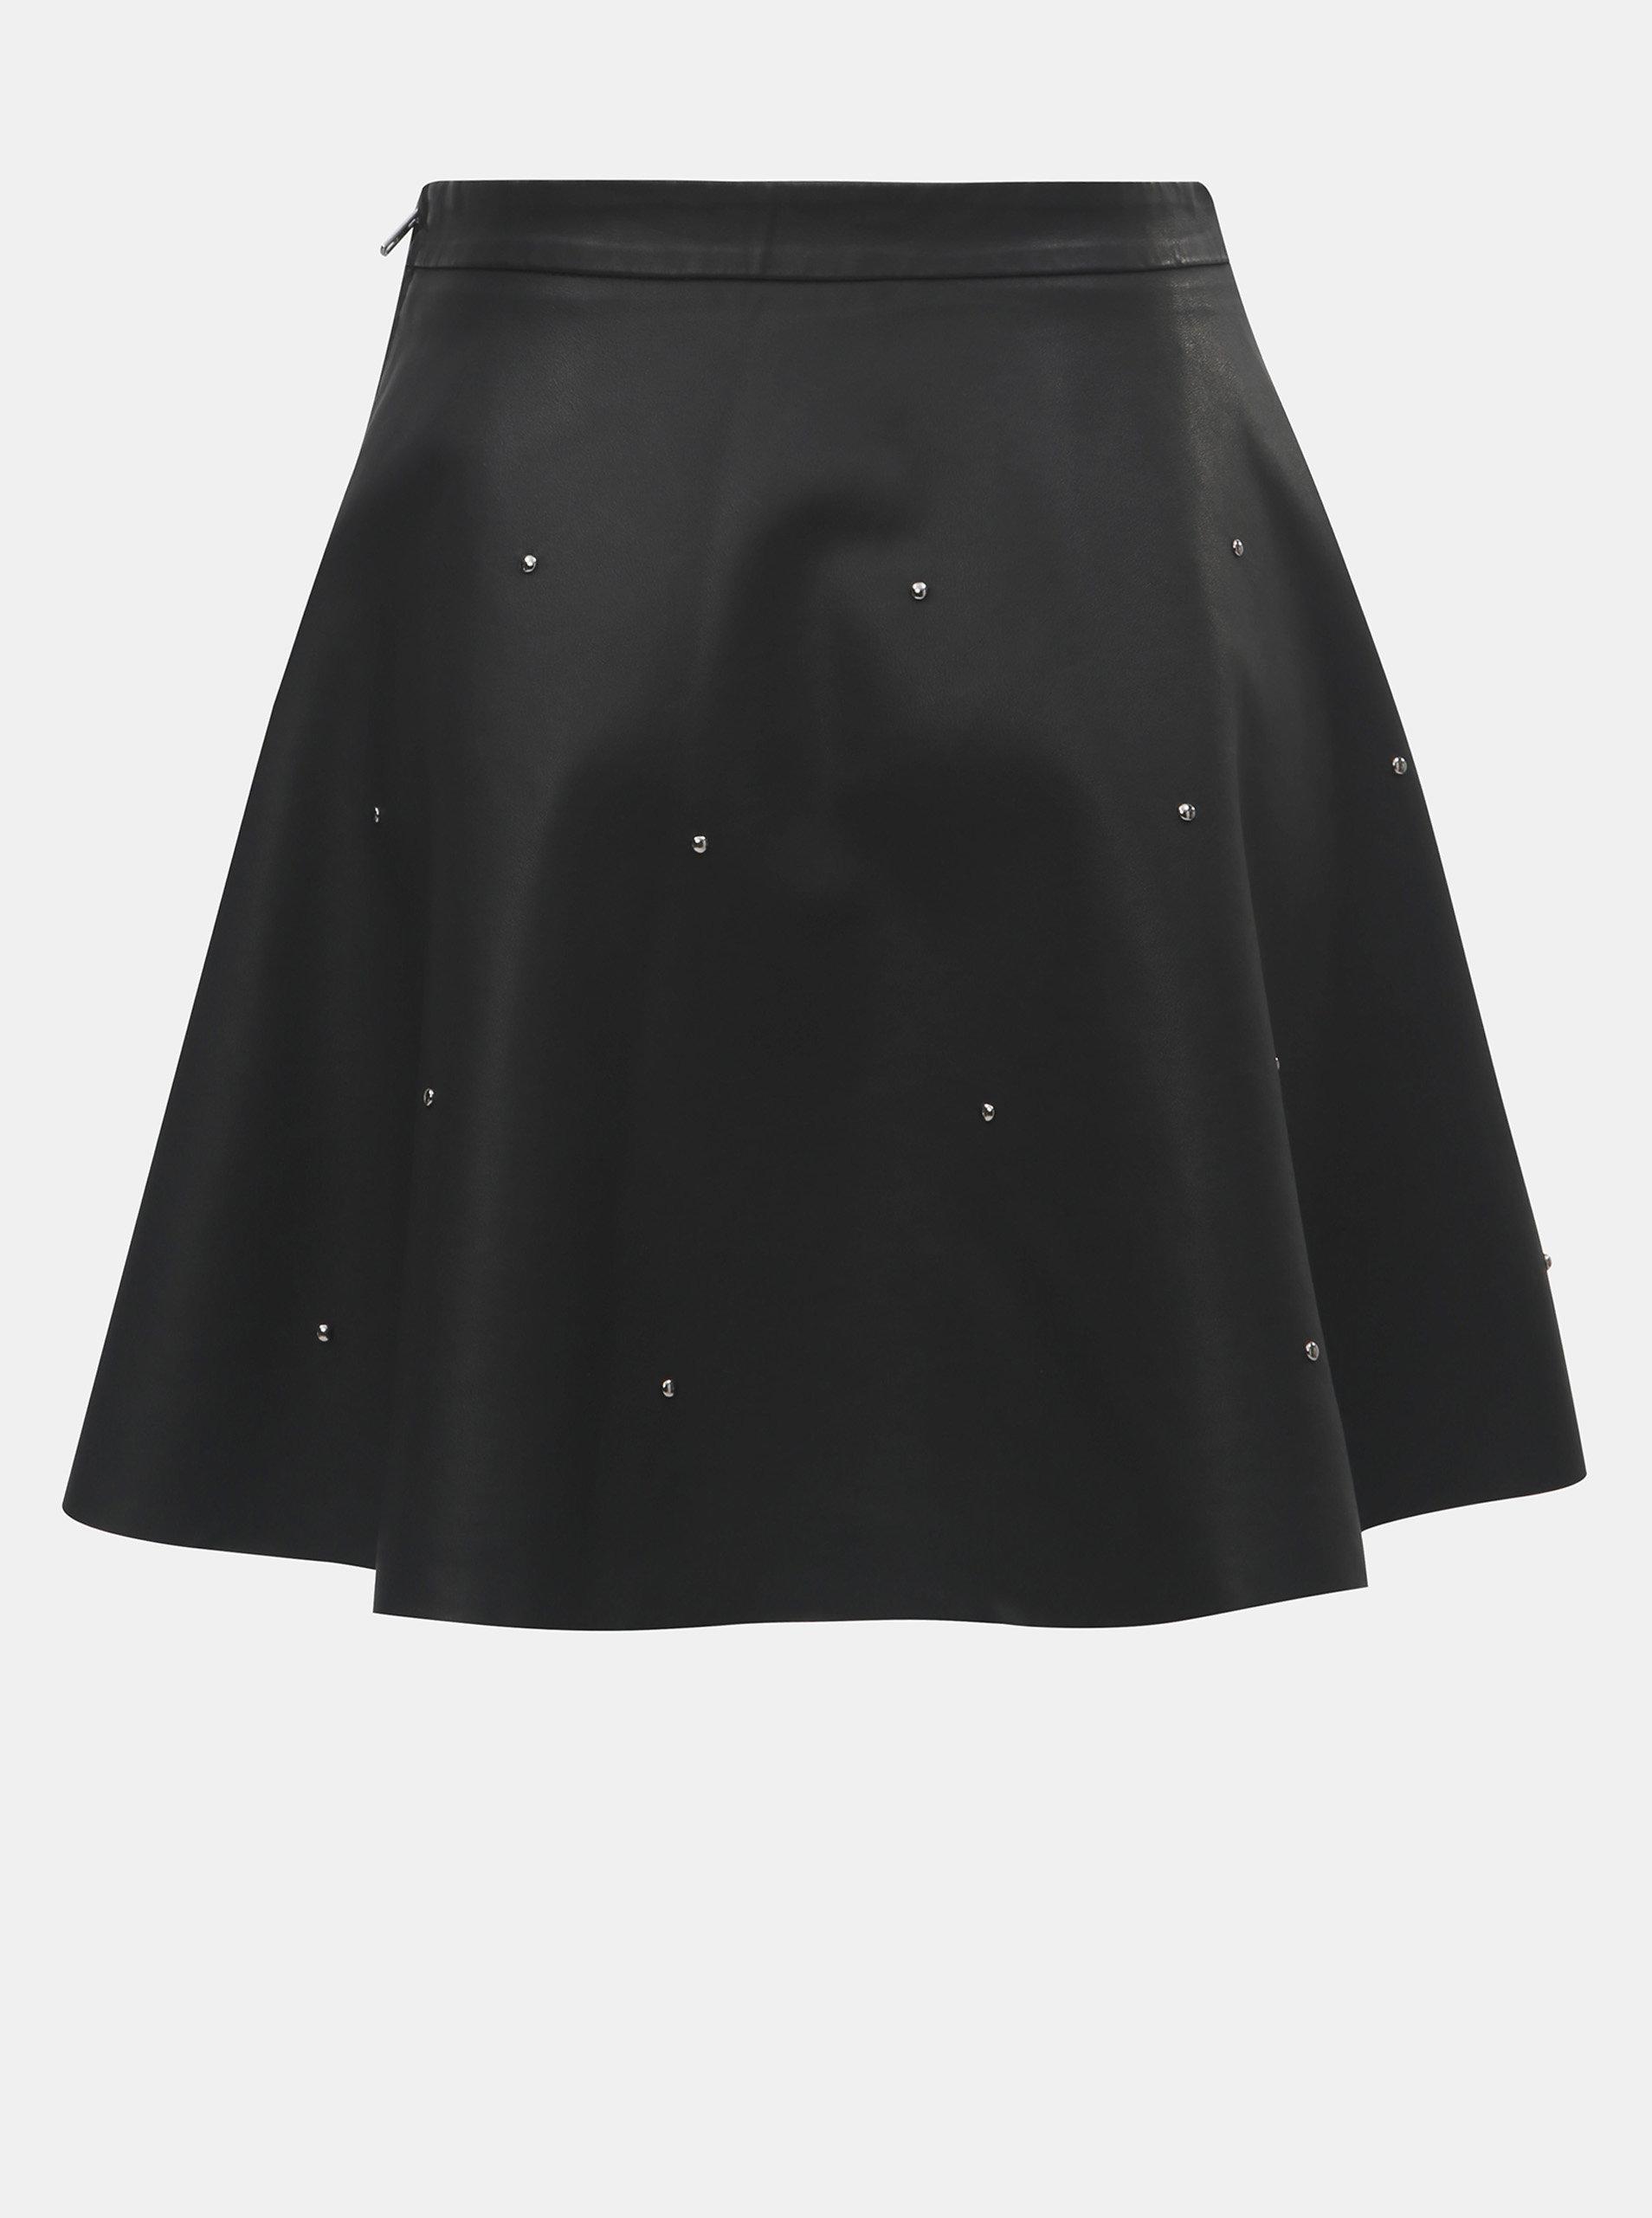 fbaa6be6c7a4 Čierna koženková sukňa s kovovou aplikáciou ONLY Fia ...